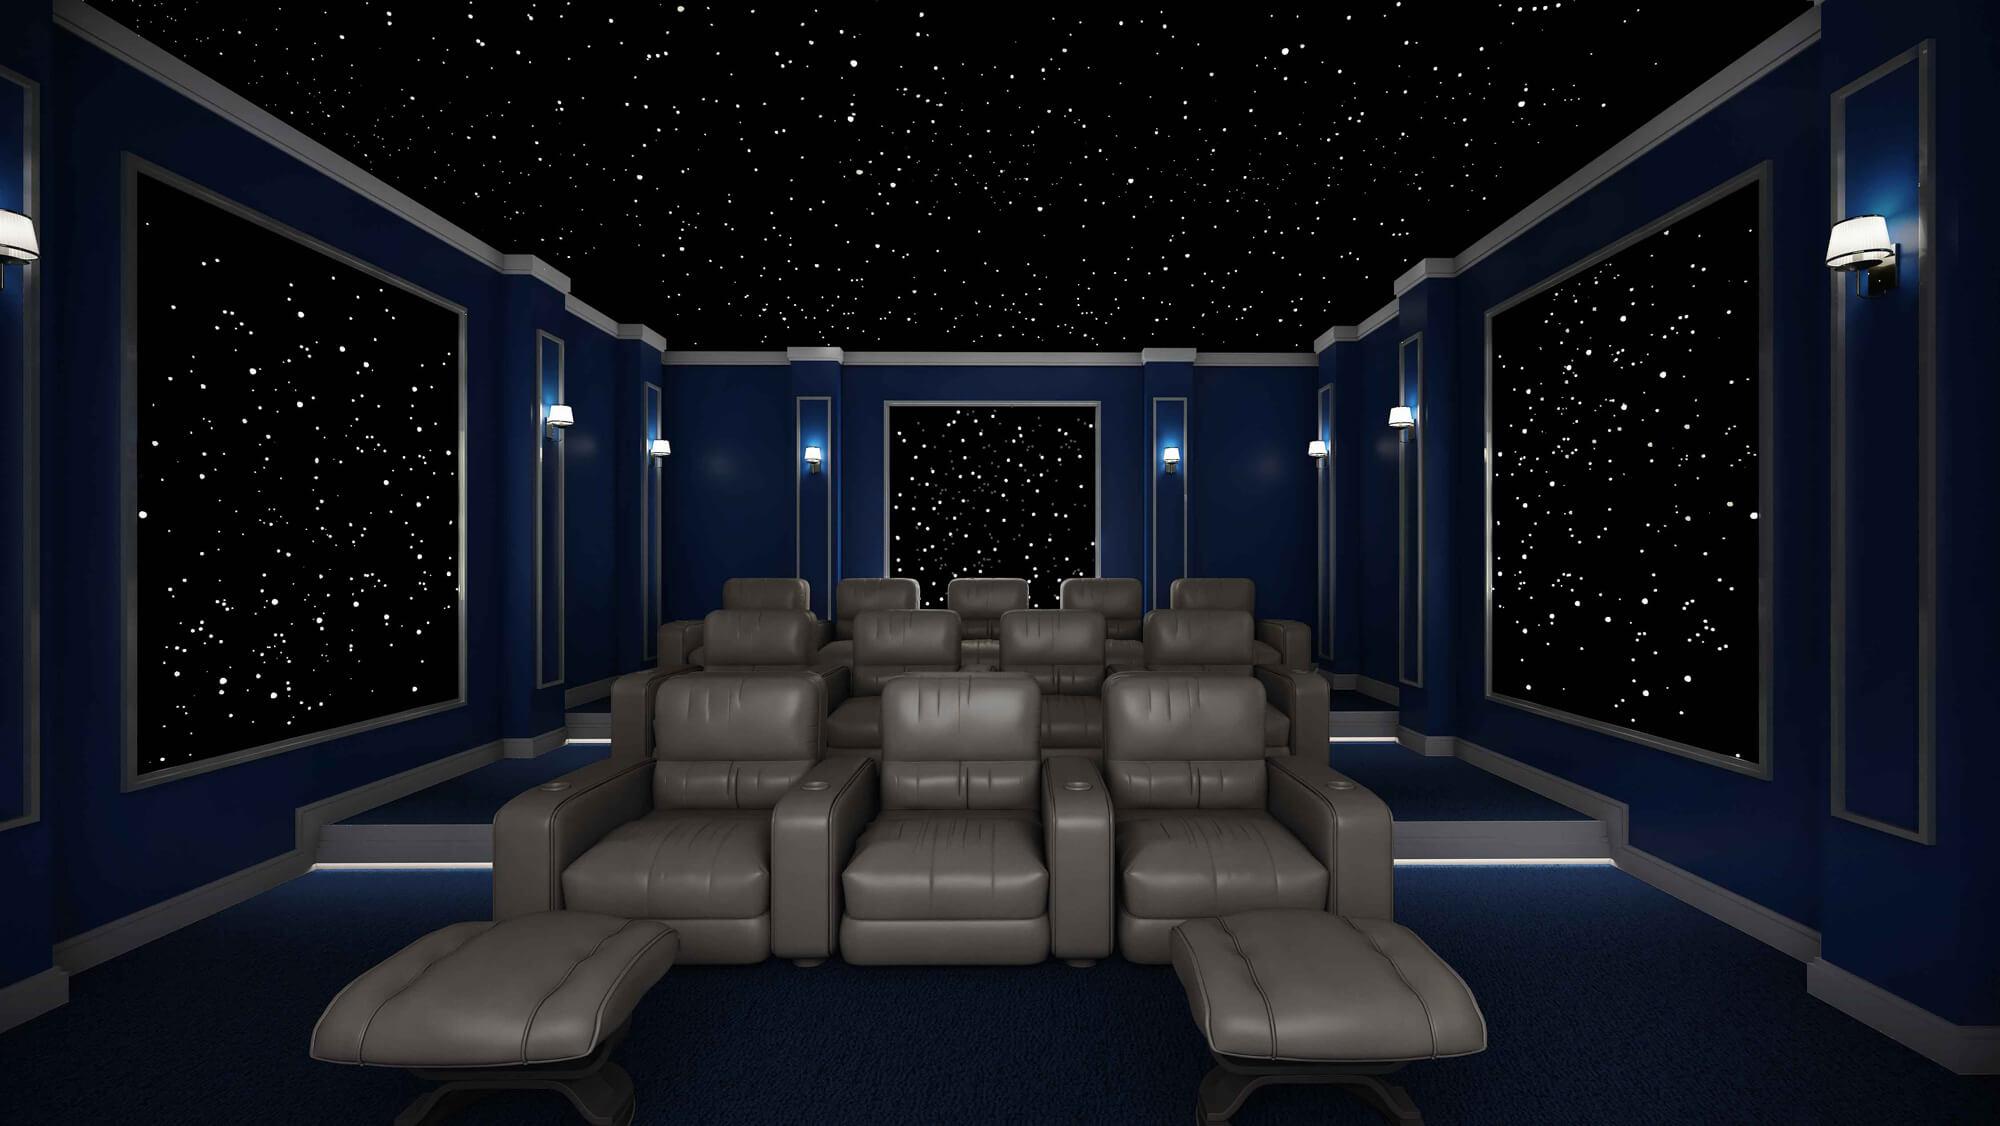 سینما خانگی طرح اینترستلار